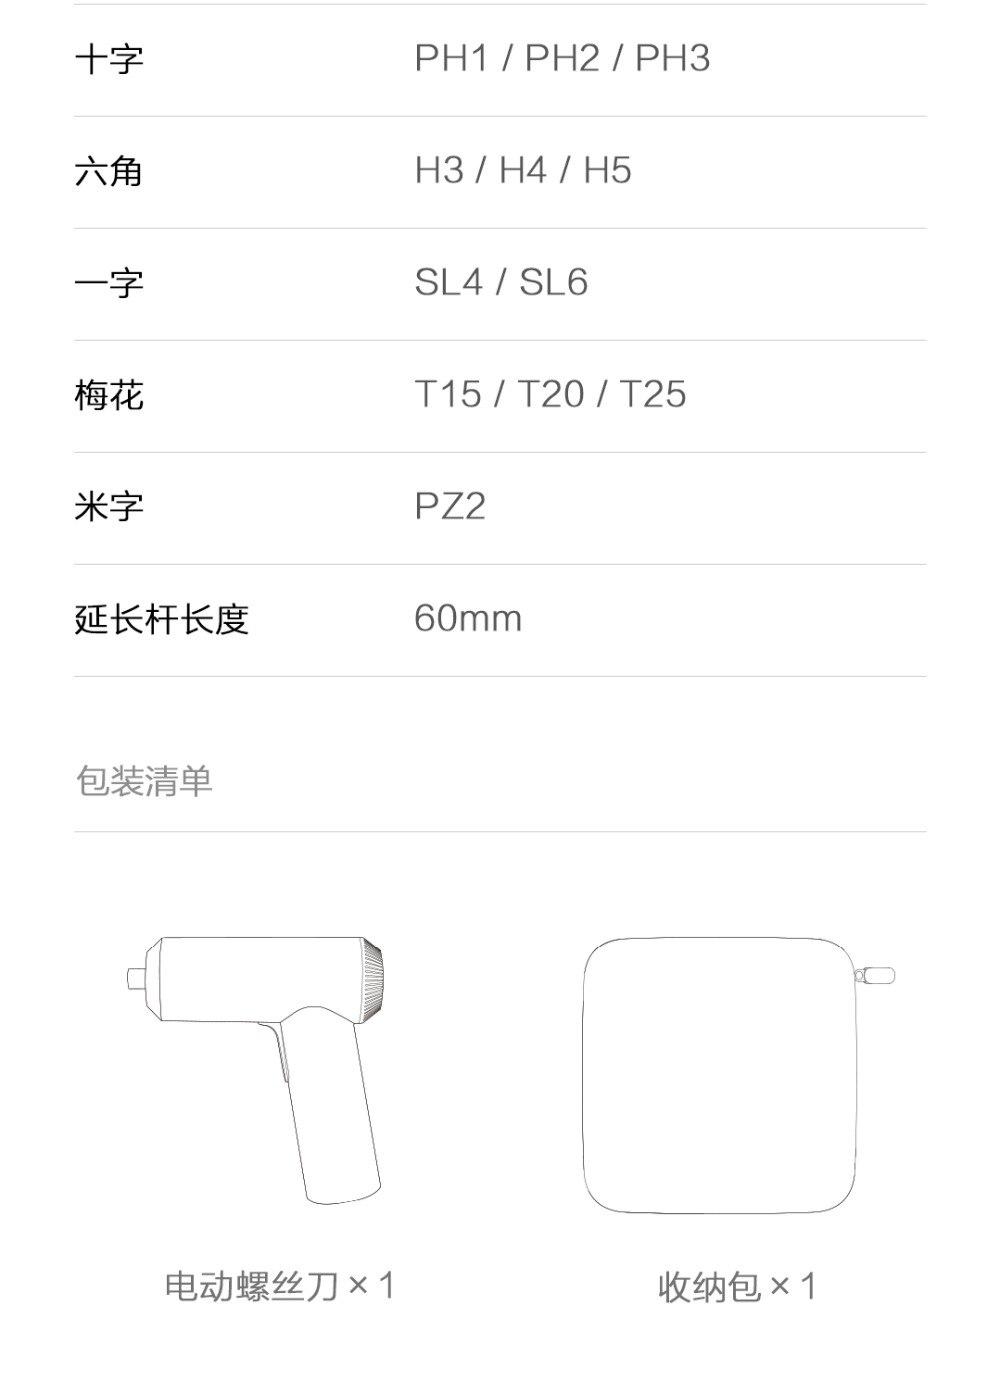 Xiaomi Mijia Electric Screwdriver (20)